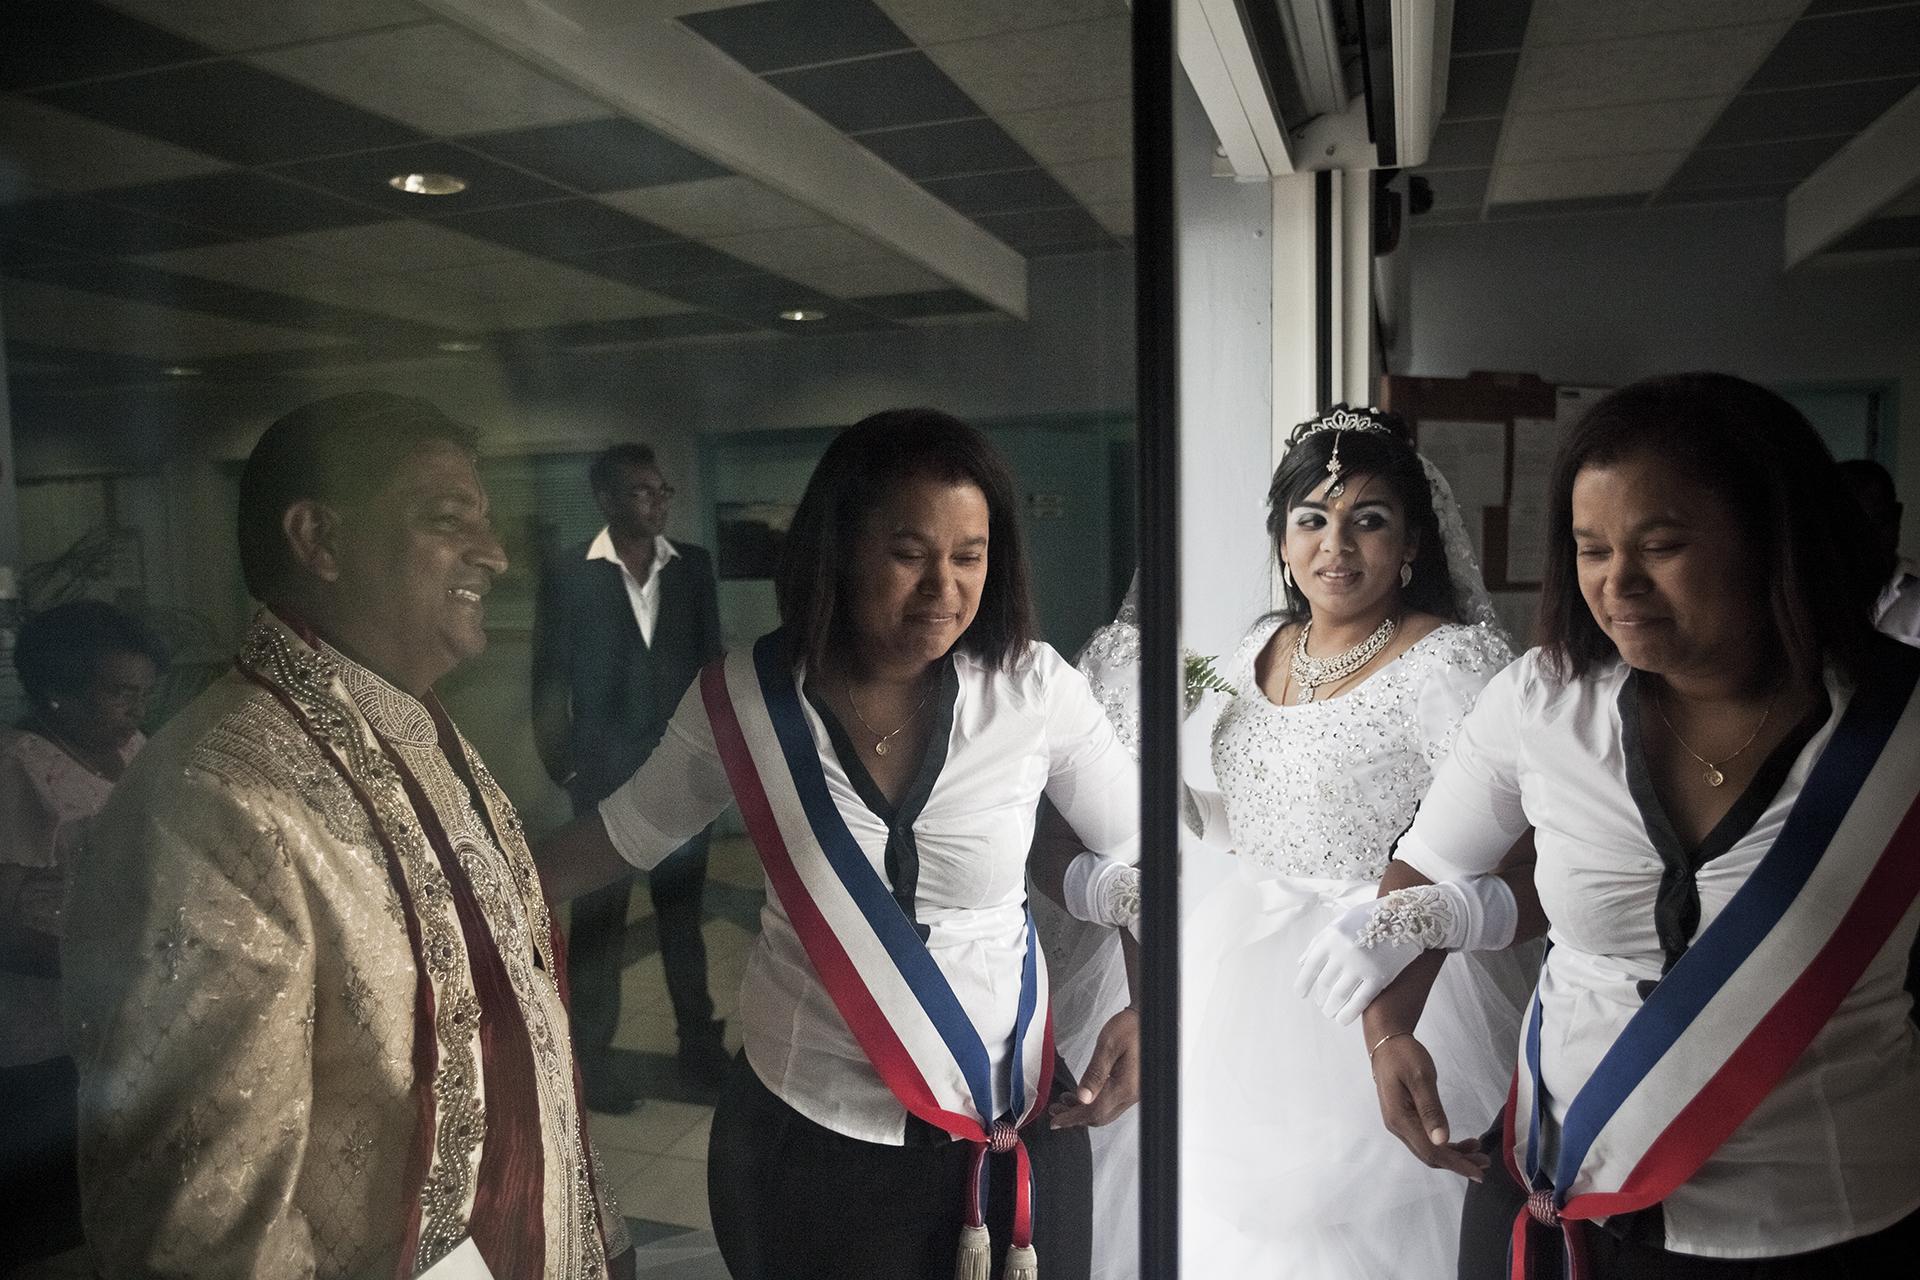 Mairie de la Saline. Lendemain du mariage traditionnel à la mairie de la Saline où les deux mariés ont souhaité se dire oui devant la République française.